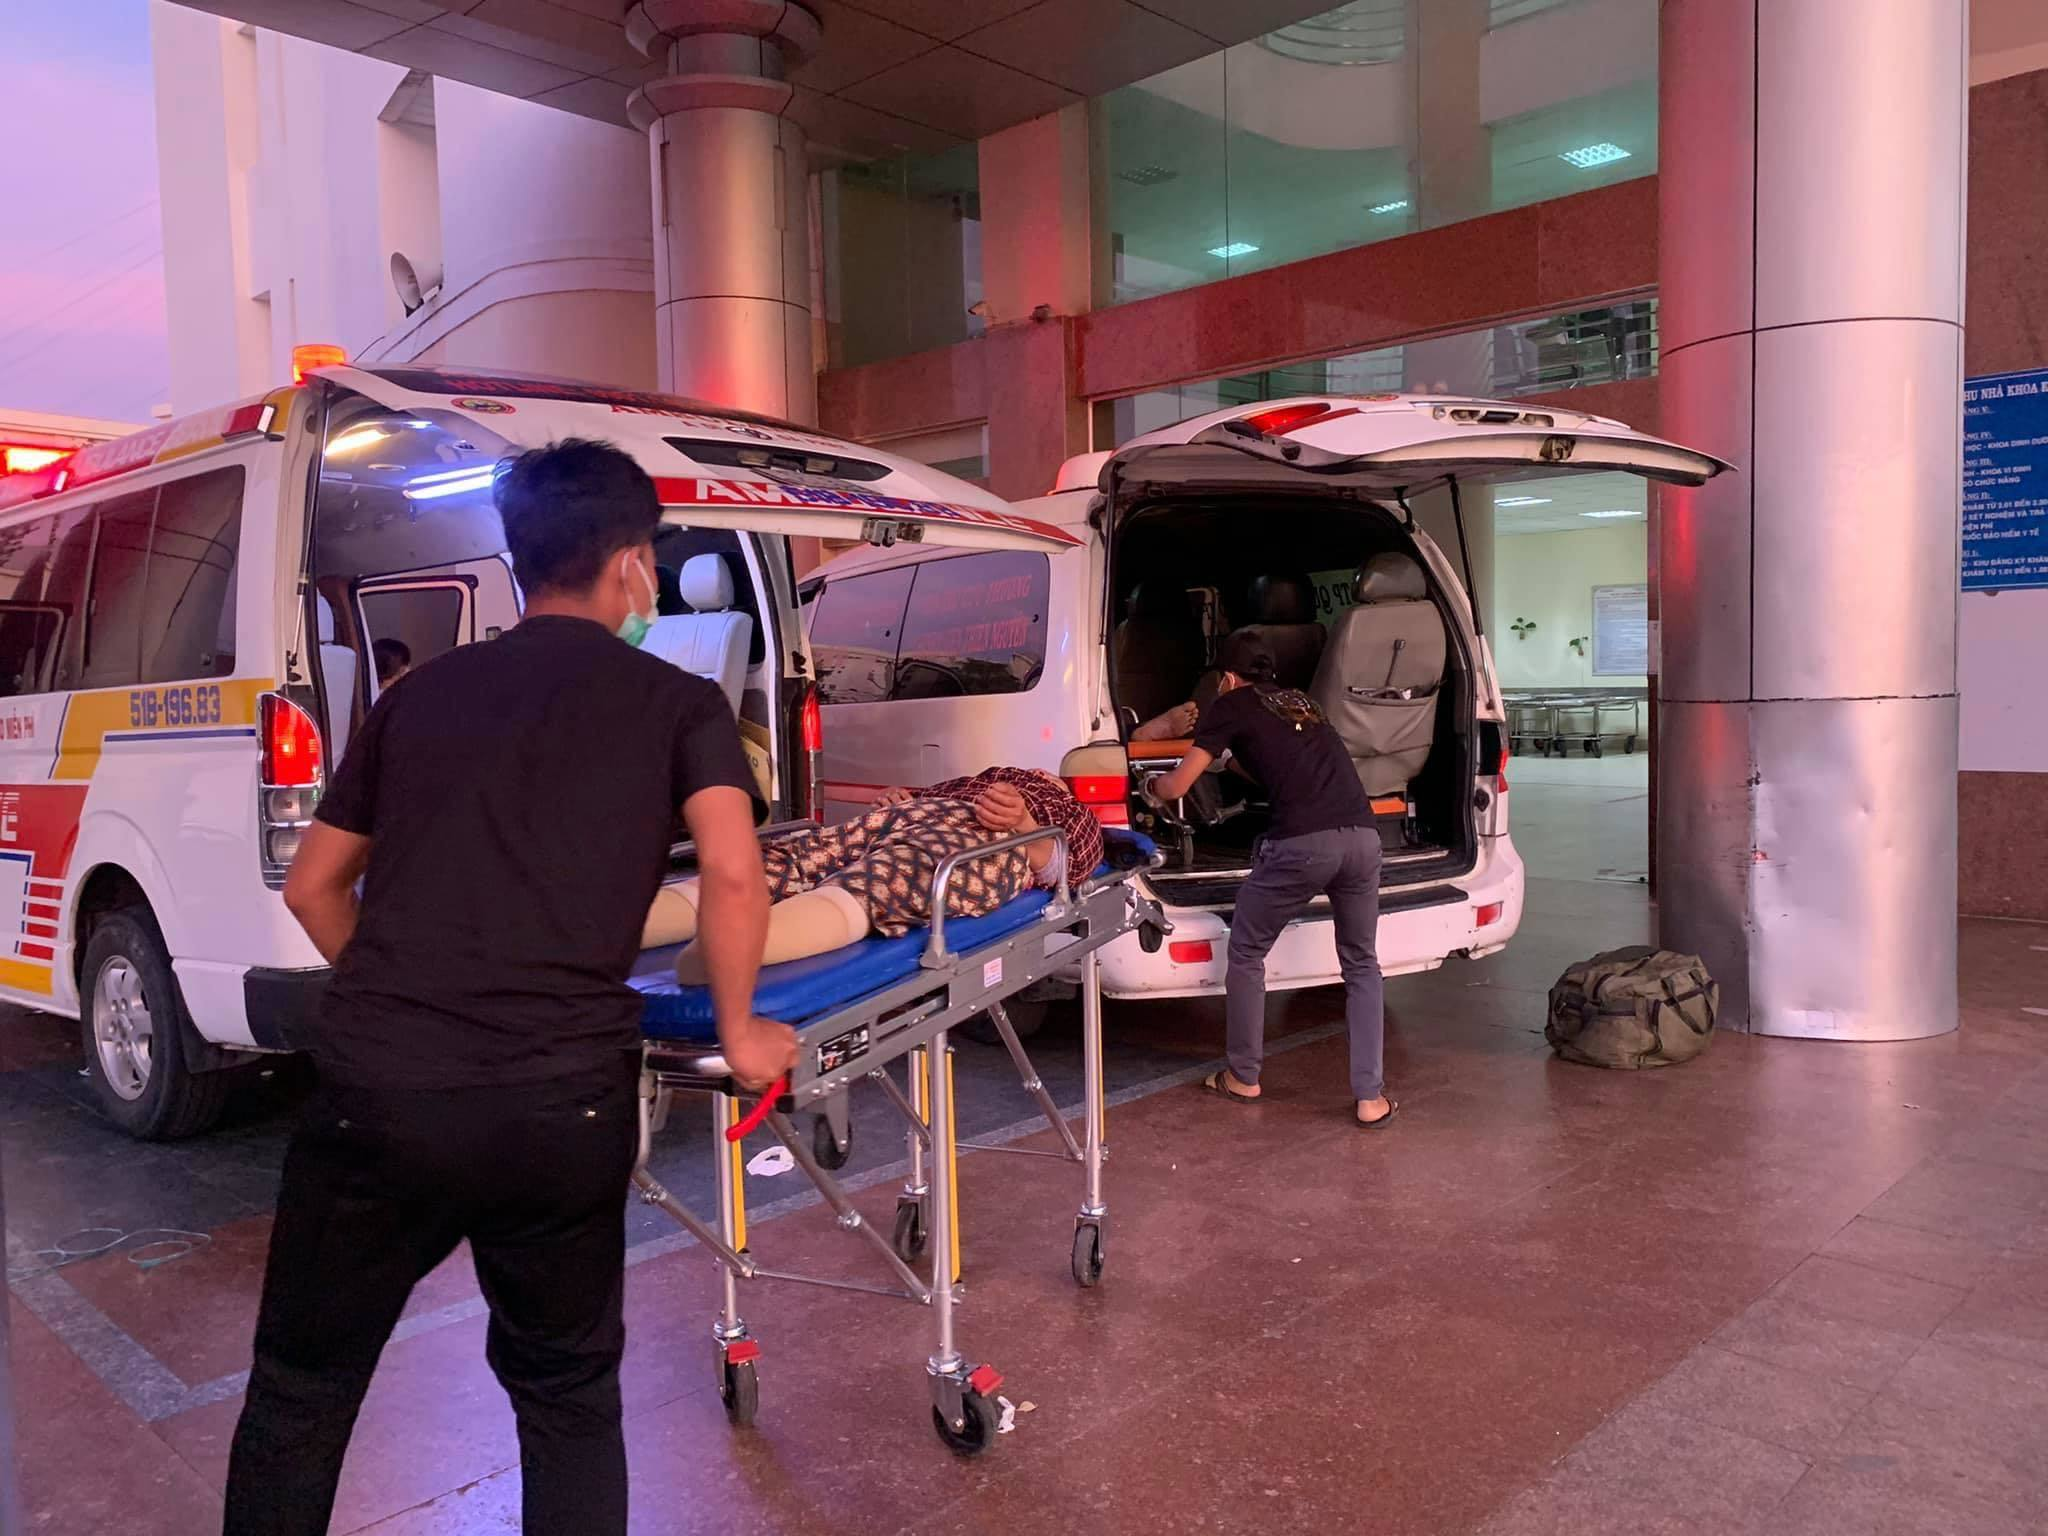 xe cấp cứu,xe cứu thương,nhường đường xe ưu tiên